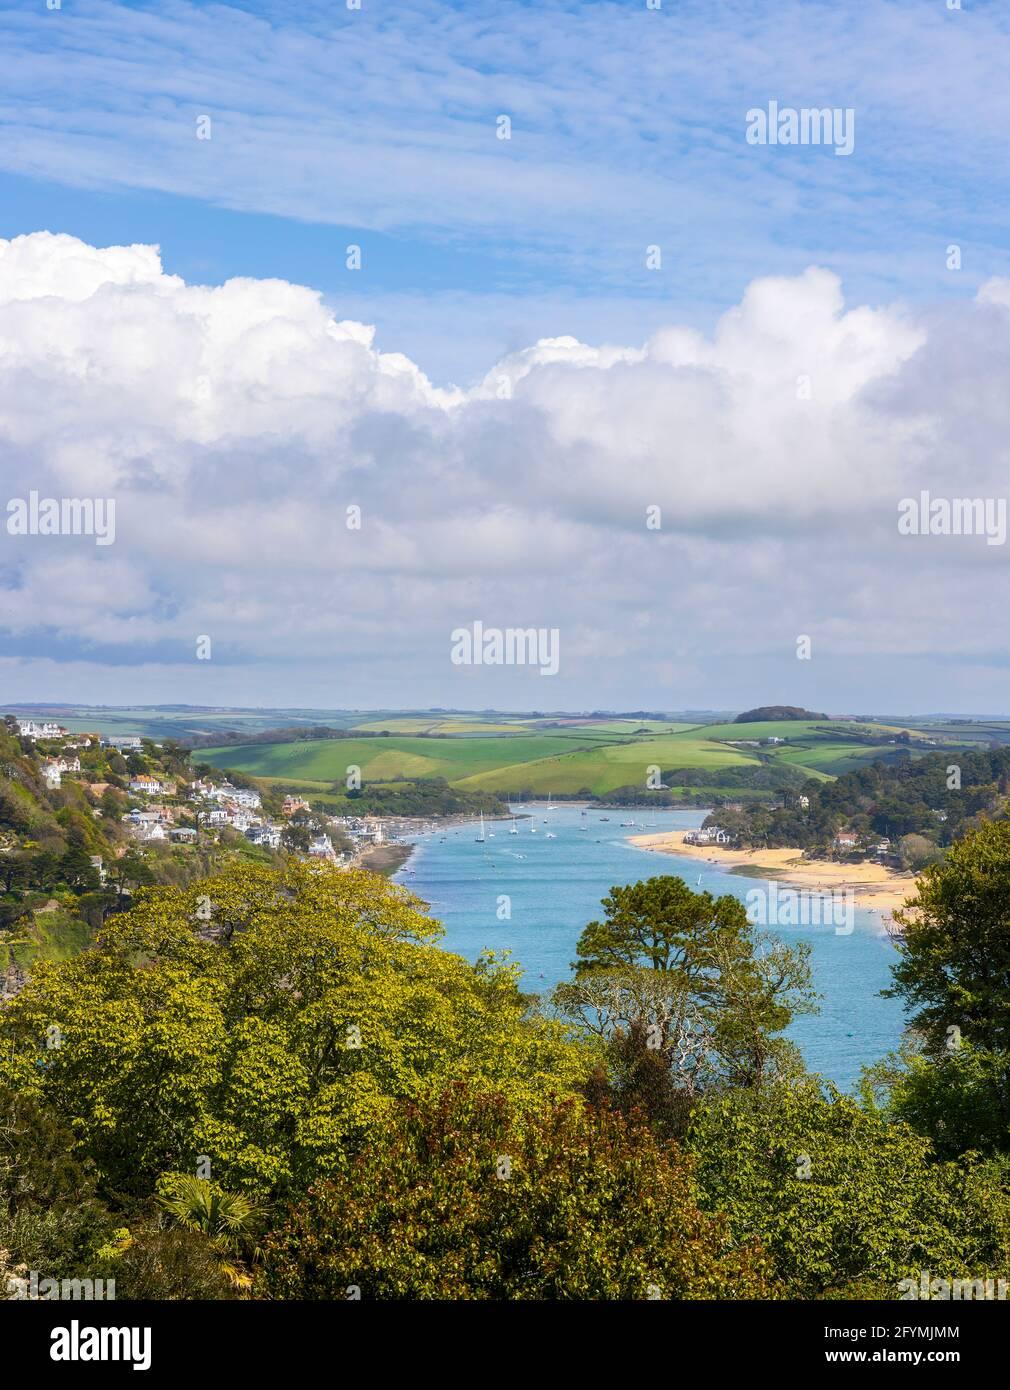 Blick von oben auf den Hafen von Salcombe, die Stadt Salcombe und die atemberaubende Landschaft von Devon. Stockfoto